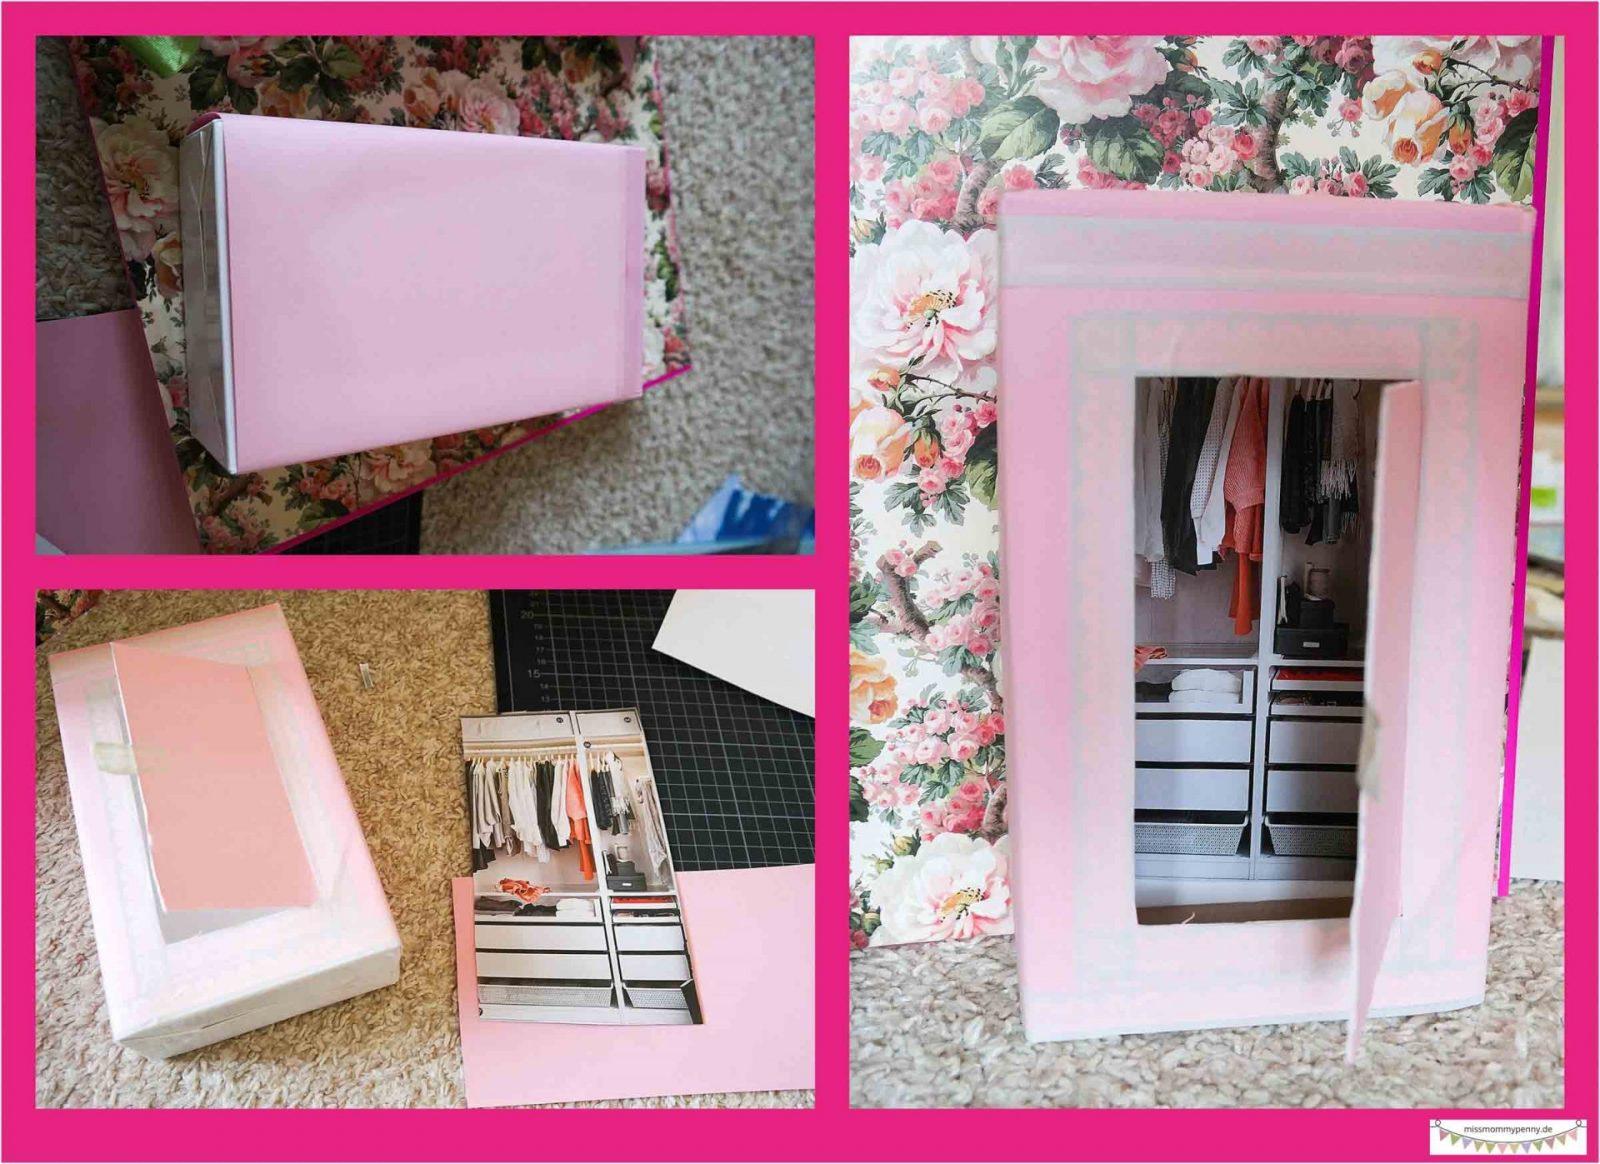 Vom Pappordner Zum Penthouse  Missmommypenny von Barbie Bett Selber Bauen Photo